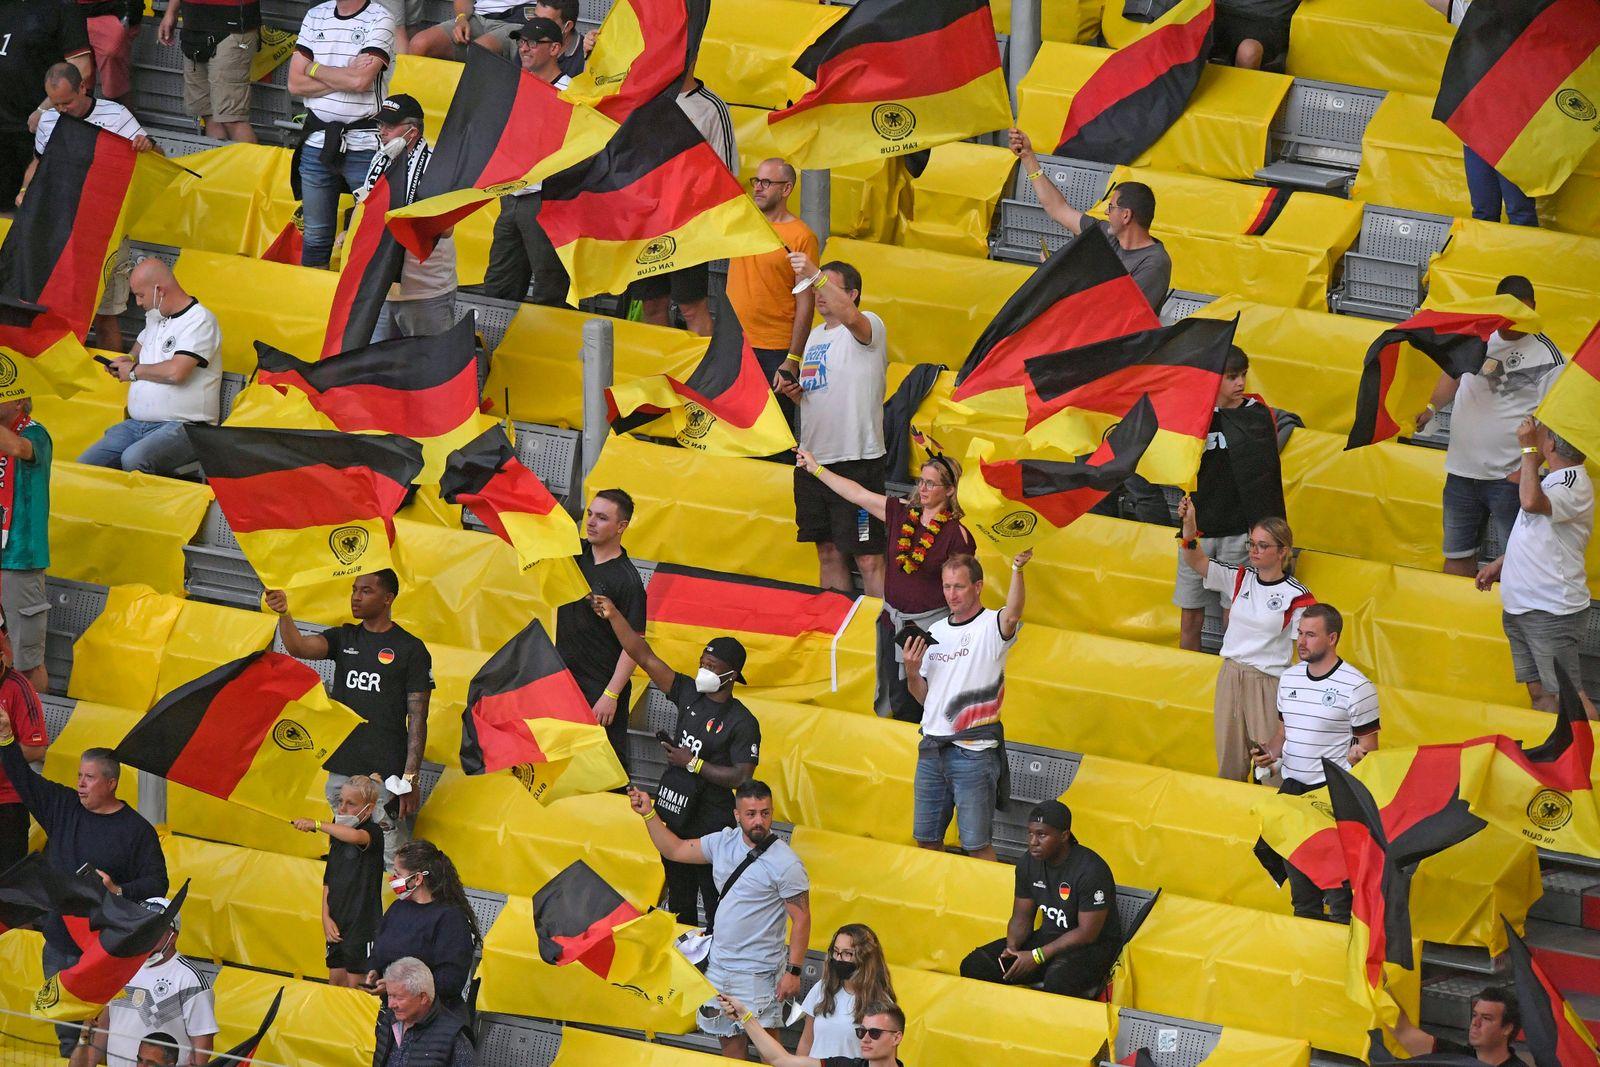 15.06.2021, Fussball, Europameisterschaft 2020, Gruppenspiel Gruppe F, Frankreich - Deutschland, in der Fu?ball Arena M¸